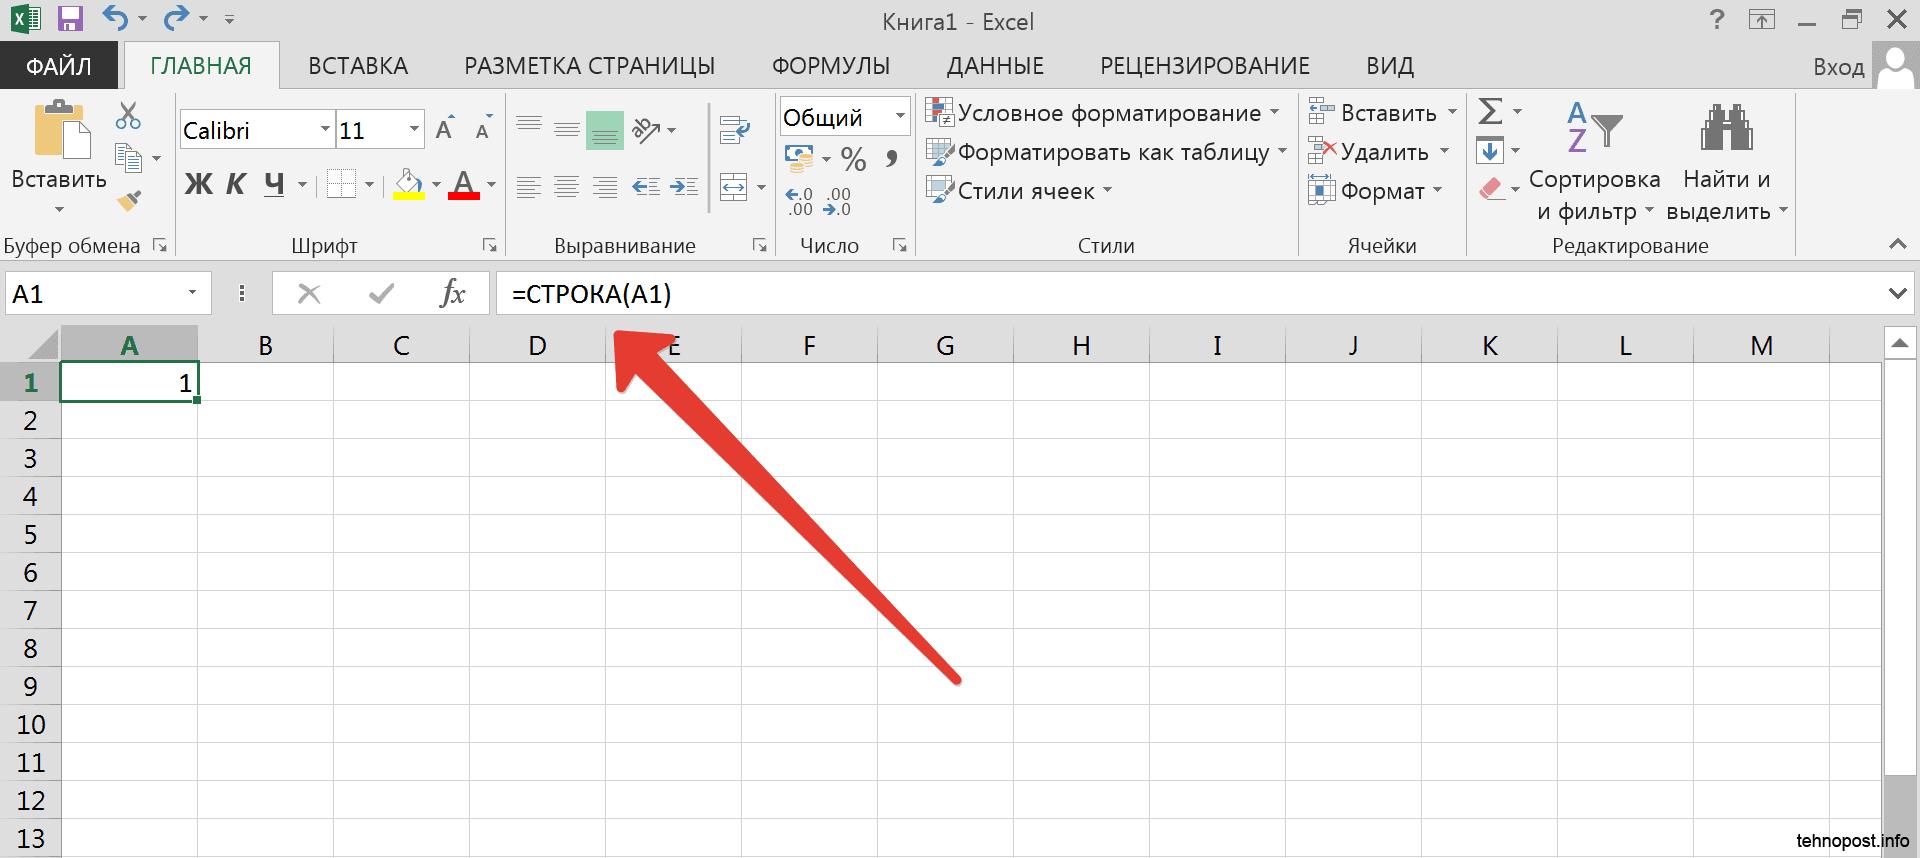 Презентации Архивы категории • r ua Презентация Работа аналитика с отчетами в microsoft excel google spreadsheets